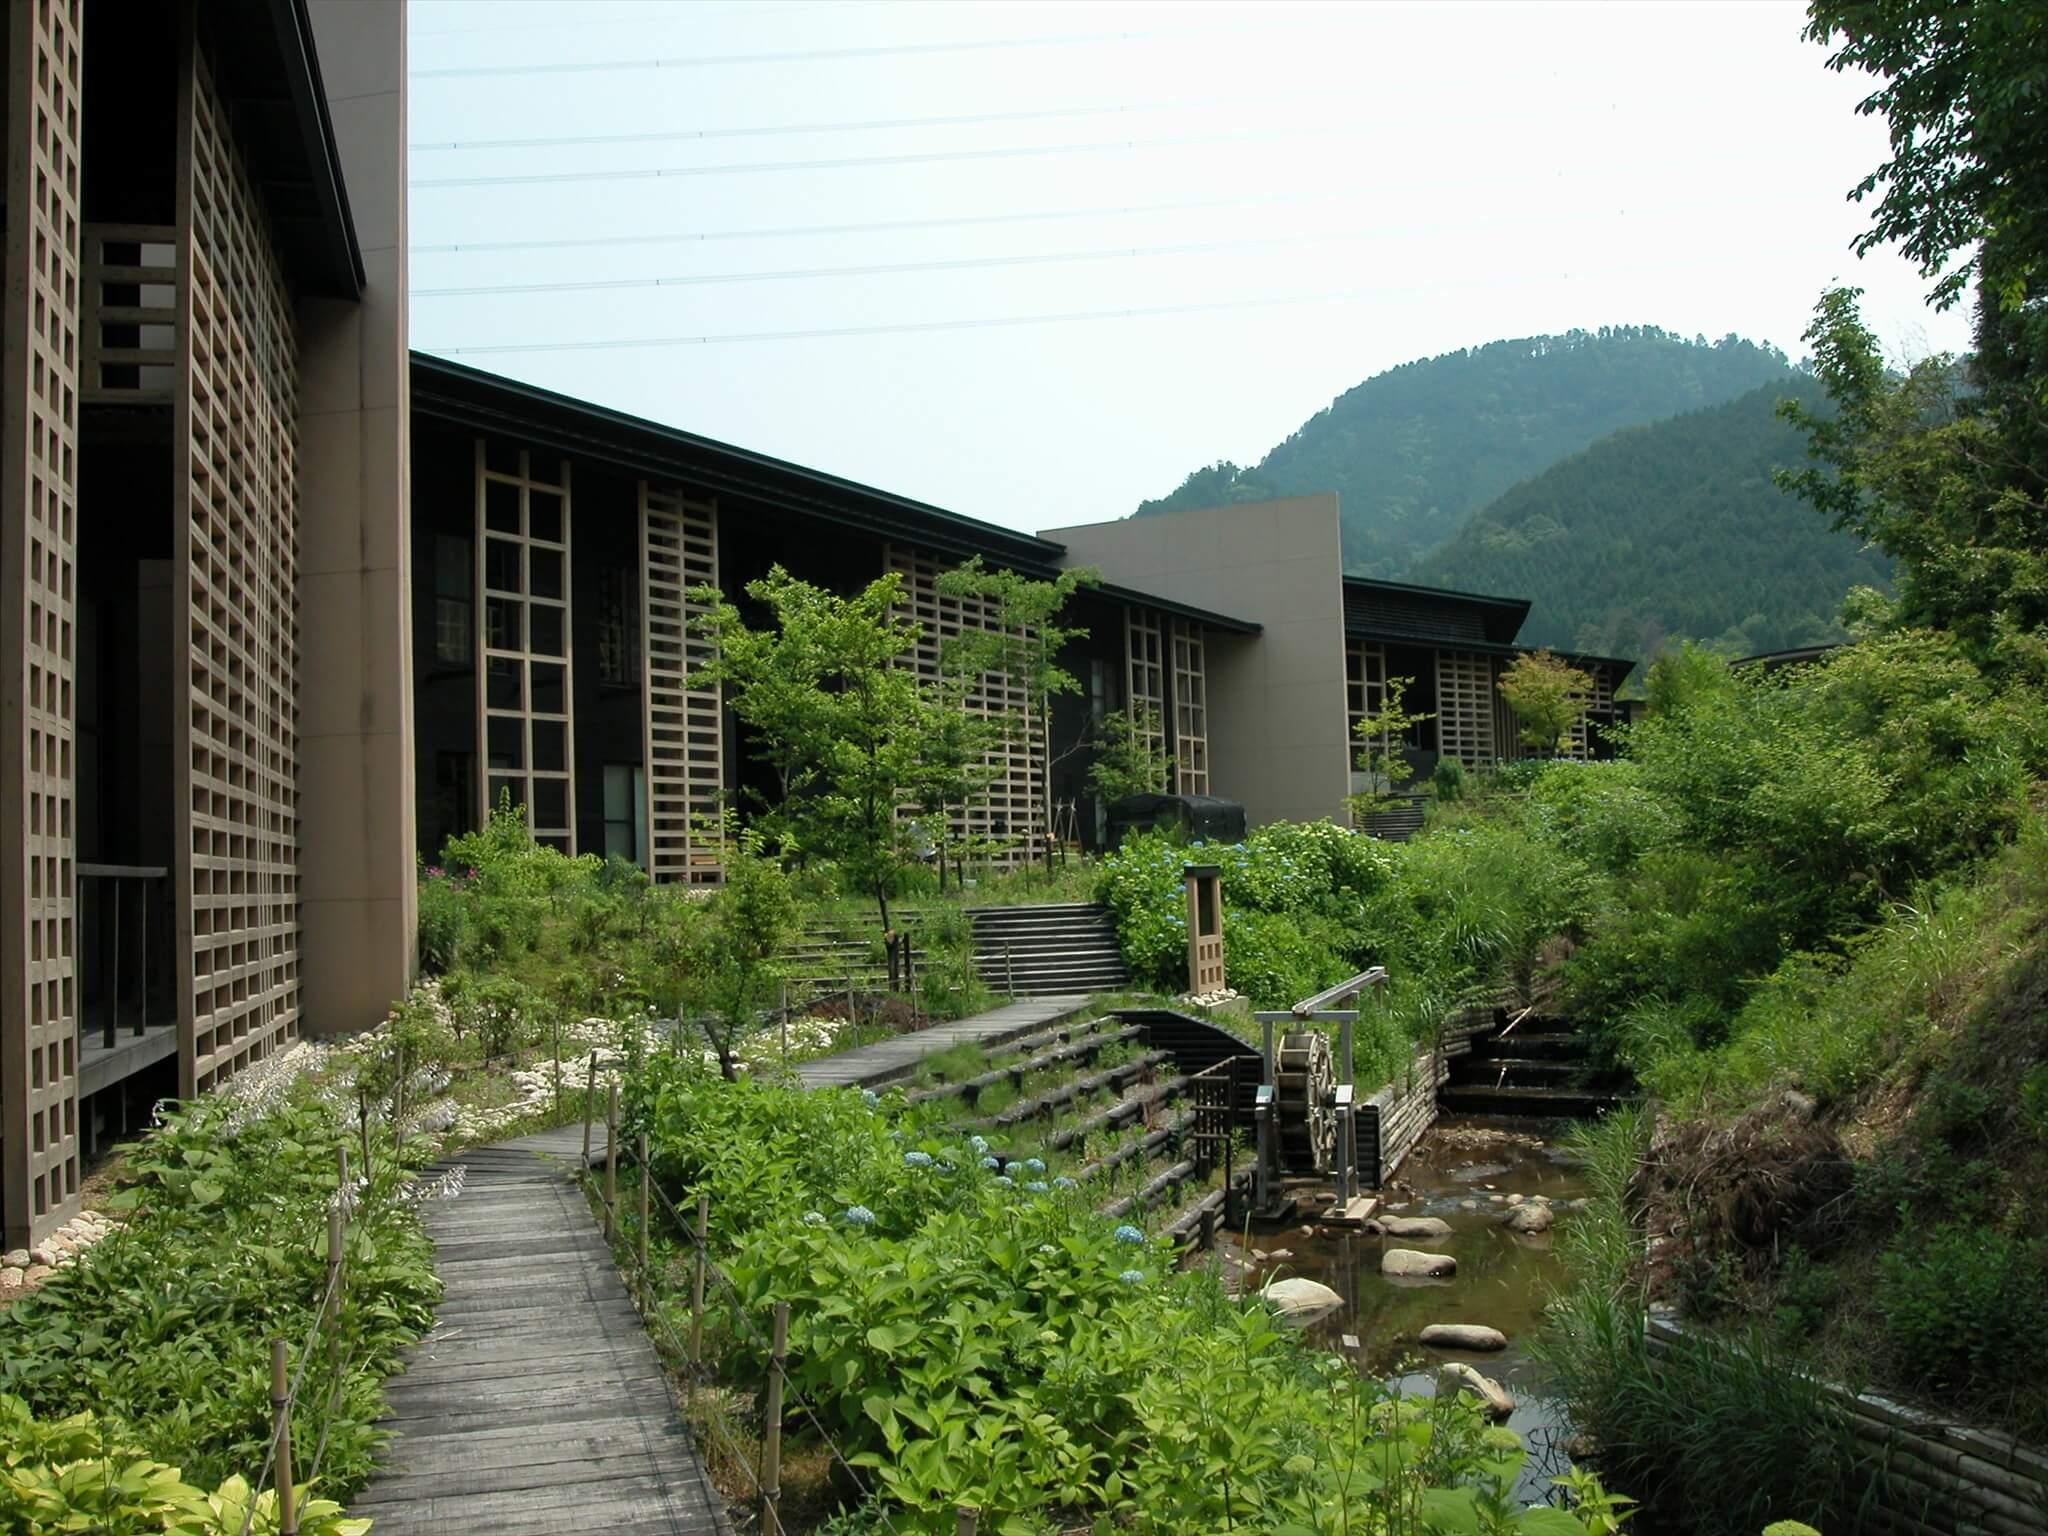 岐阜県立森林文化アカデミーの外観。ベージュ色の壁が防火壁となって延焼を防止